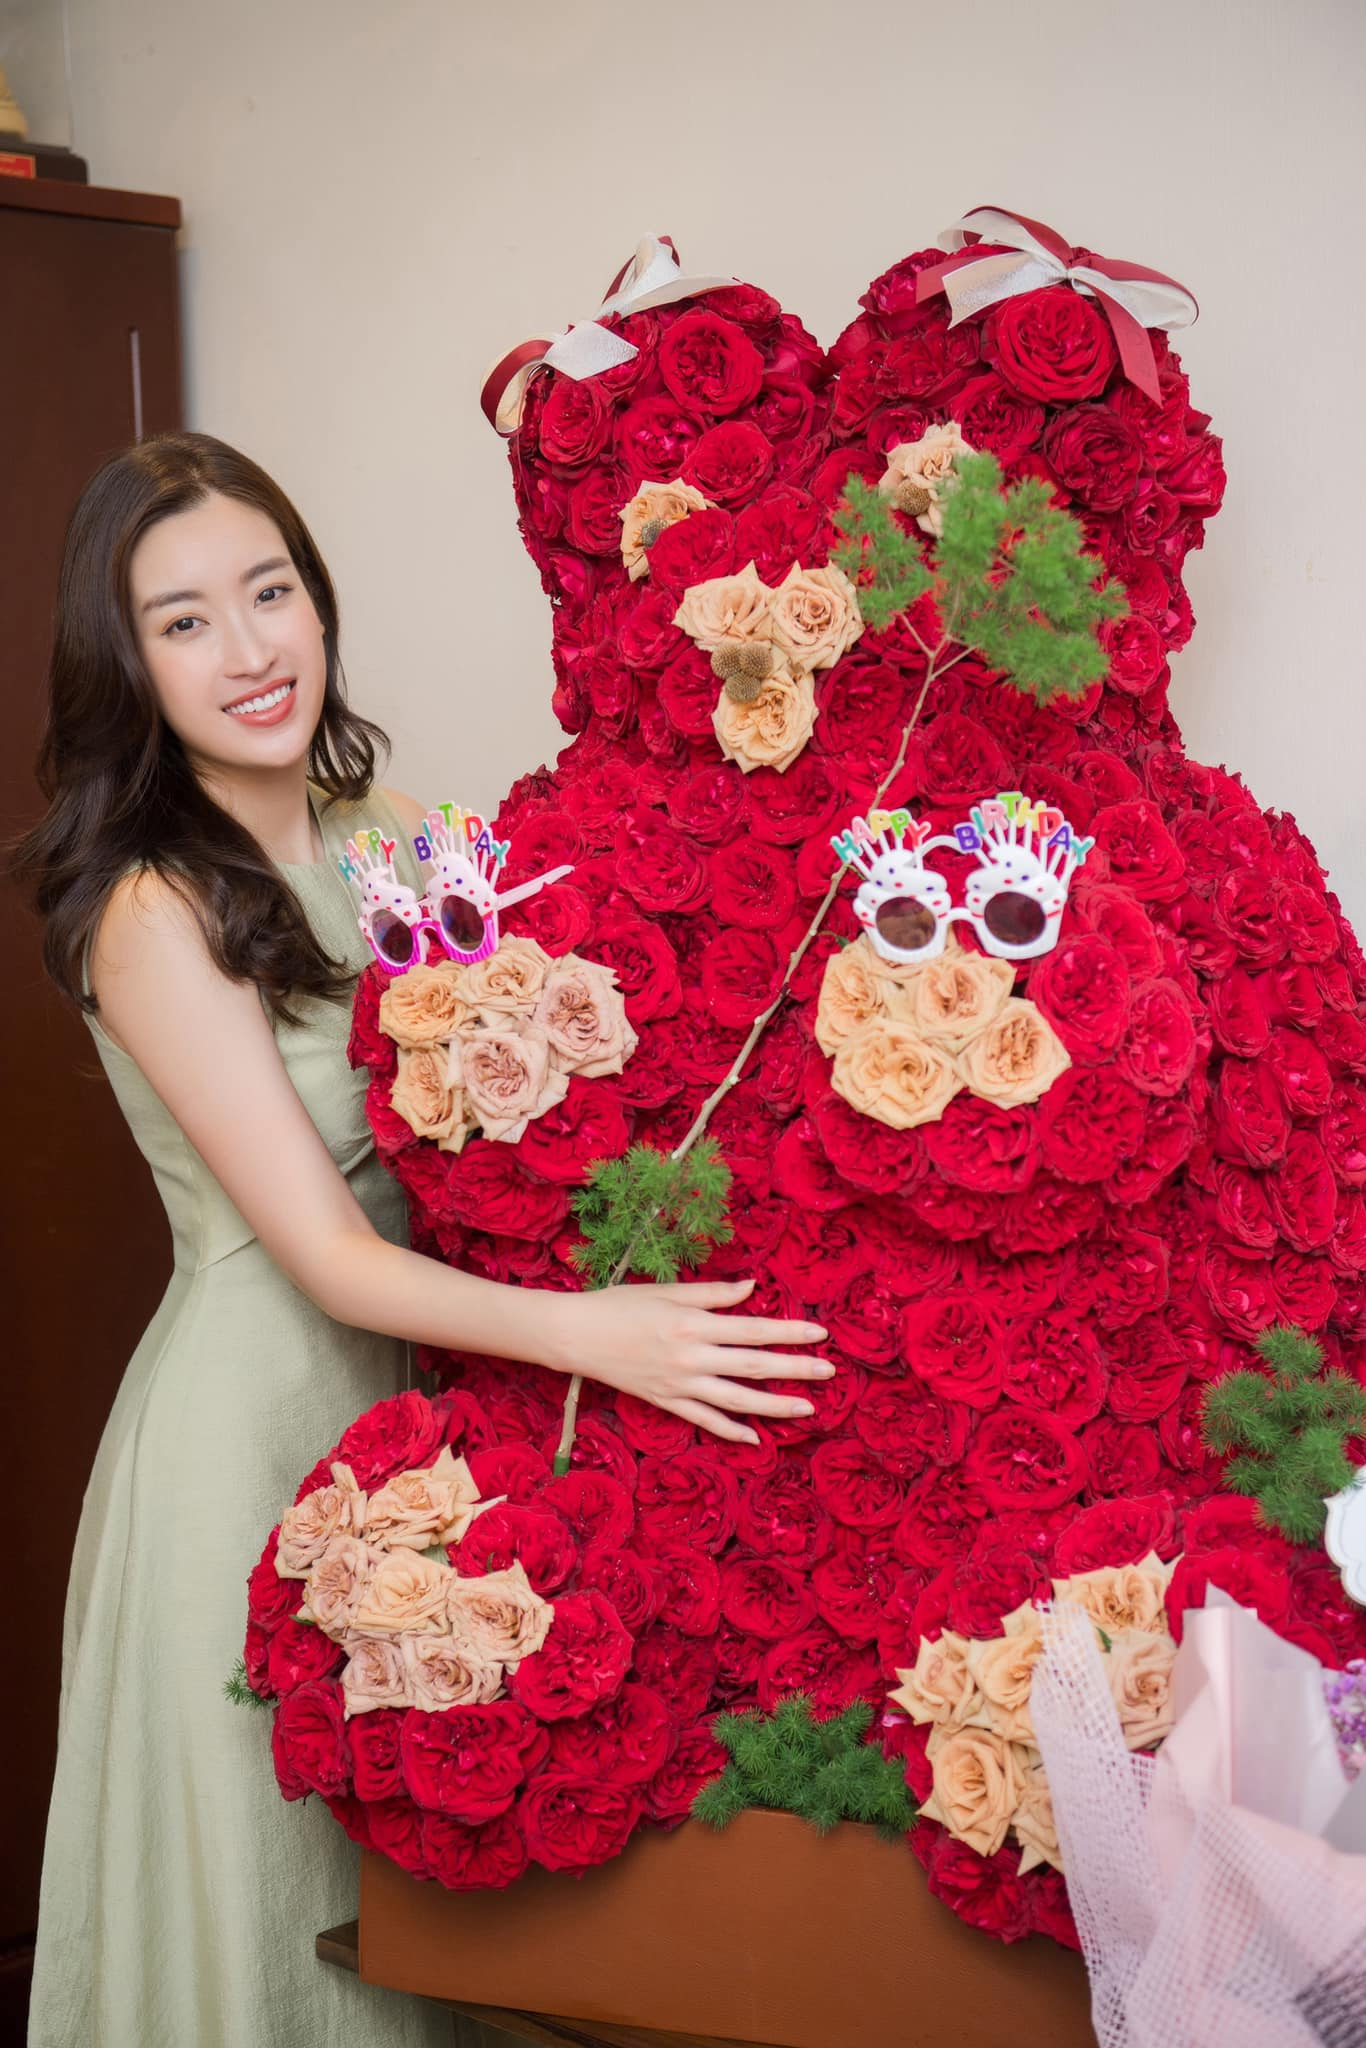 Tại nhà, Đỗ Mỹ Linh còn nhận được một chú gấu kết bằng hoa hồng.